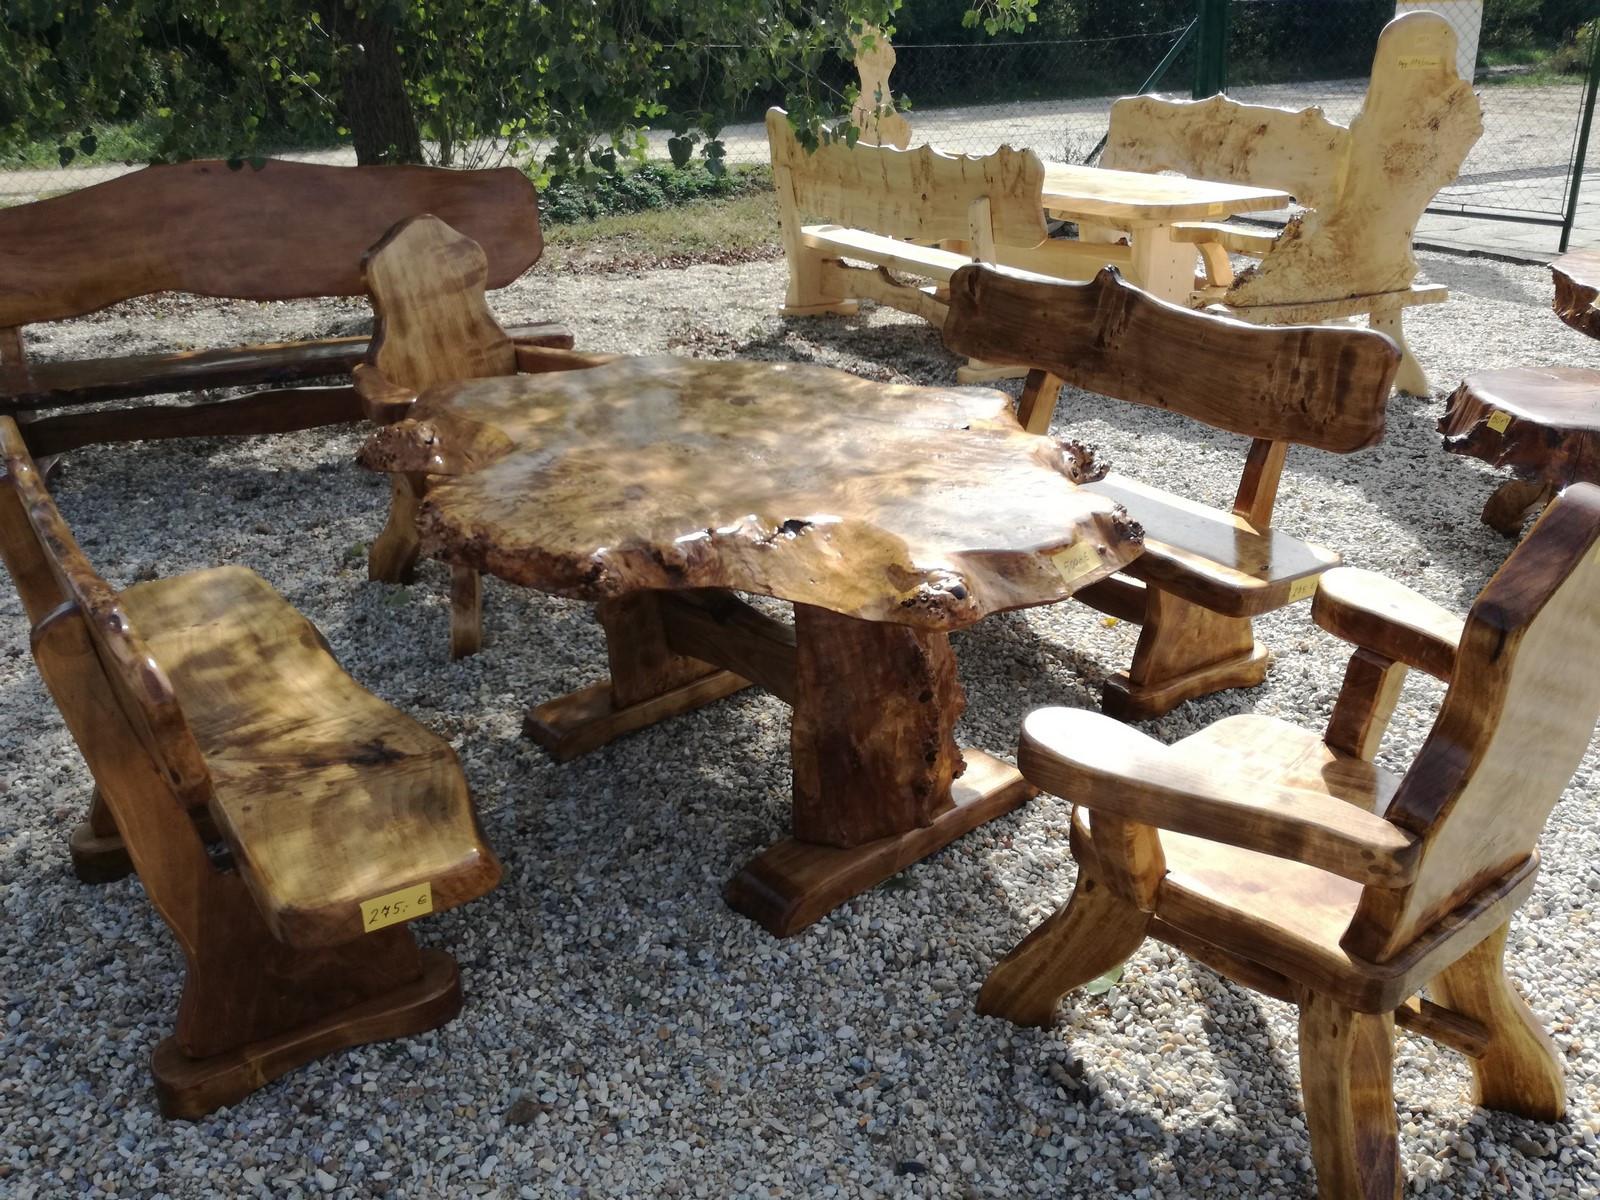 rustikale einzigartige sitzgarnituren aus massivholz tische ungarn suchergebnisse. Black Bedroom Furniture Sets. Home Design Ideas